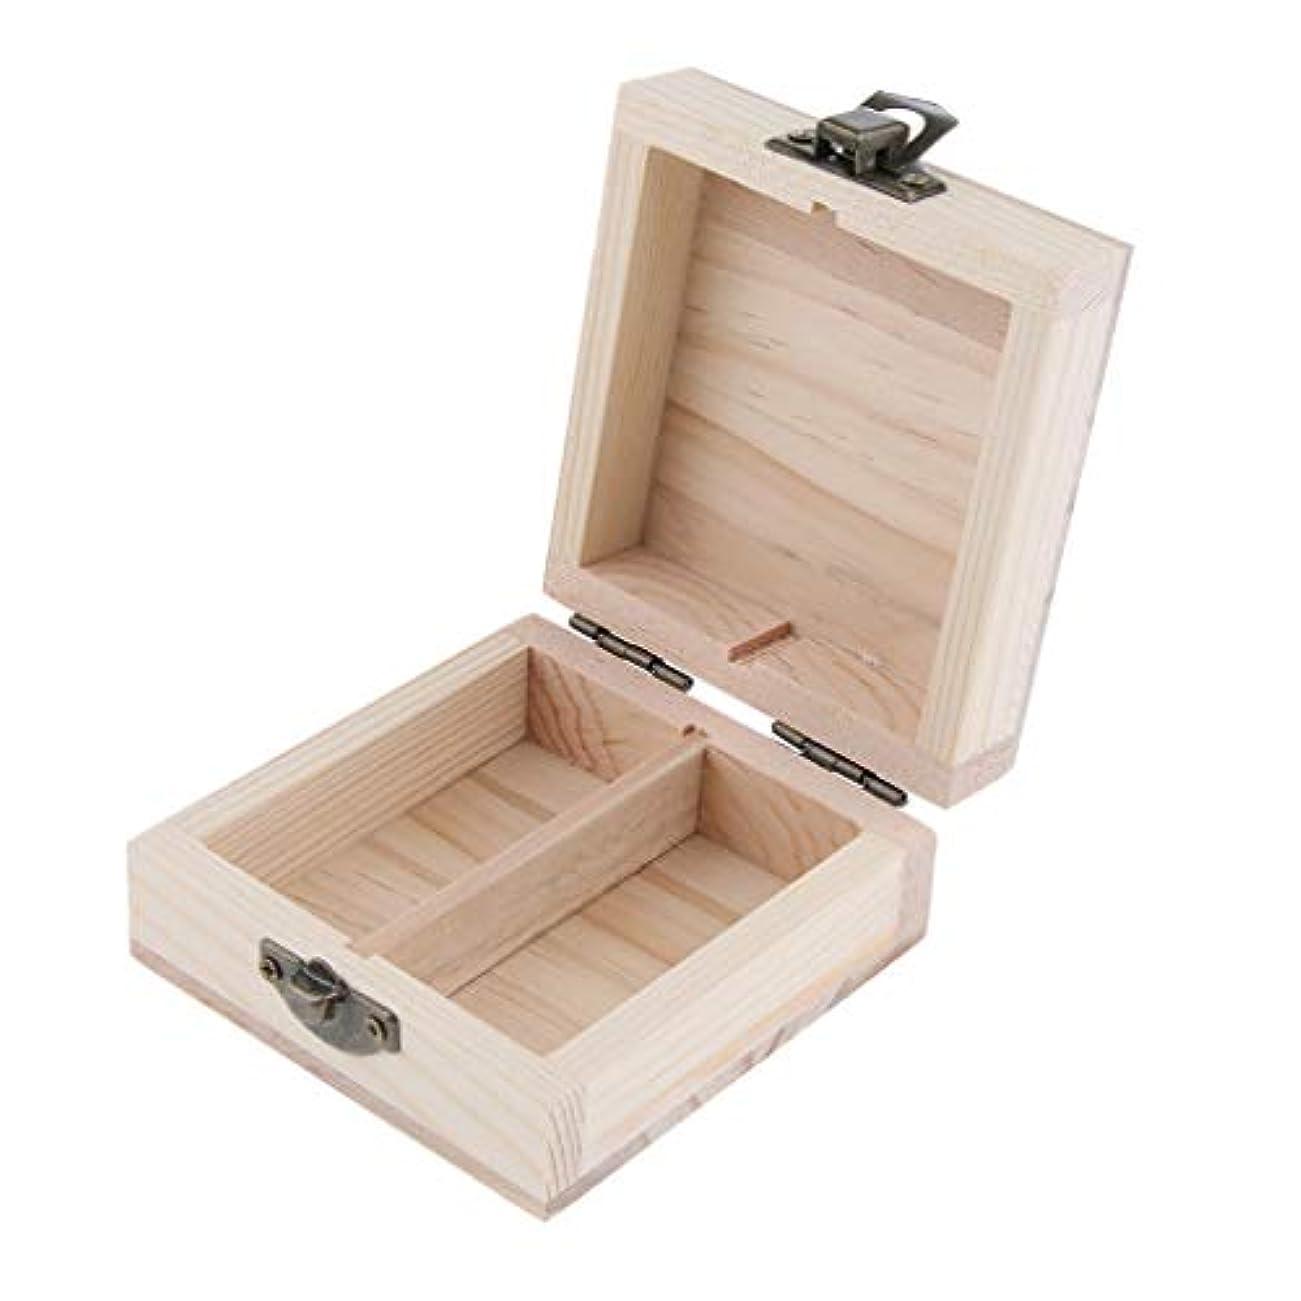 効率的ベスビオ山数学的なエッセンシャルオイルケース アロマケース 木製 2本入れ 展示用 15ミリボトル